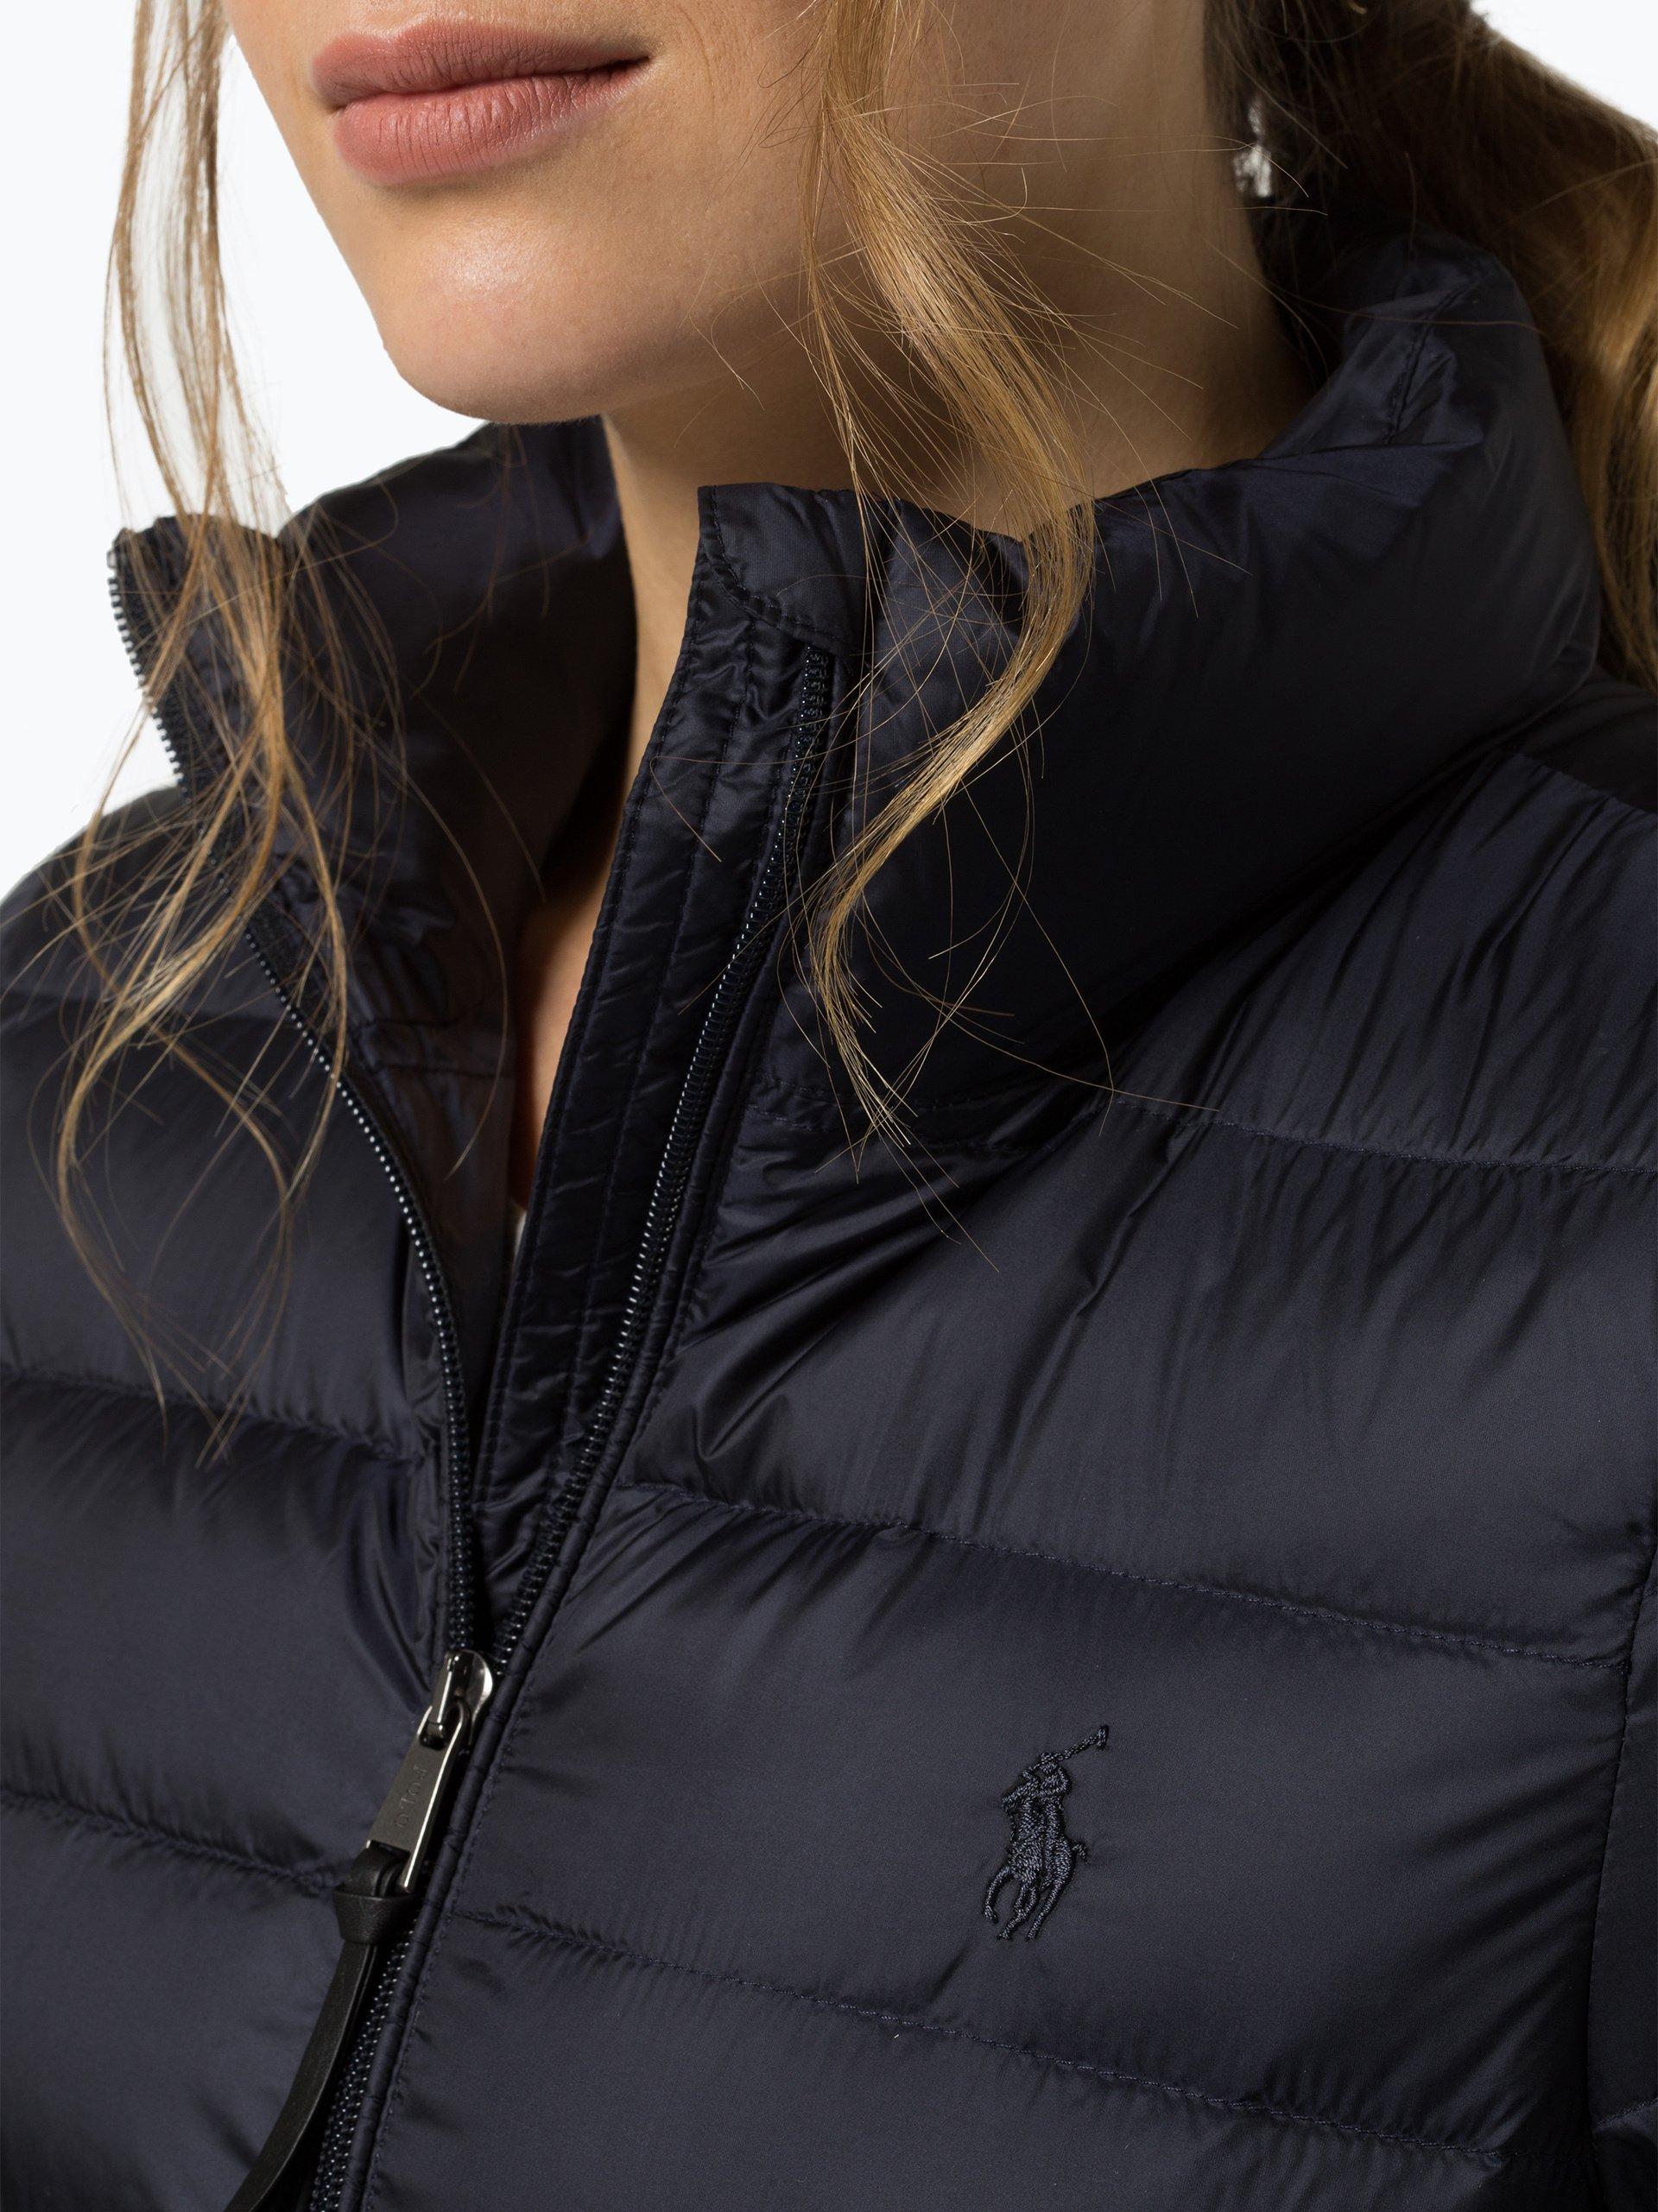 5b42d336147b94 Polo Ralph Lauren Damen Daunenjacke online kaufen